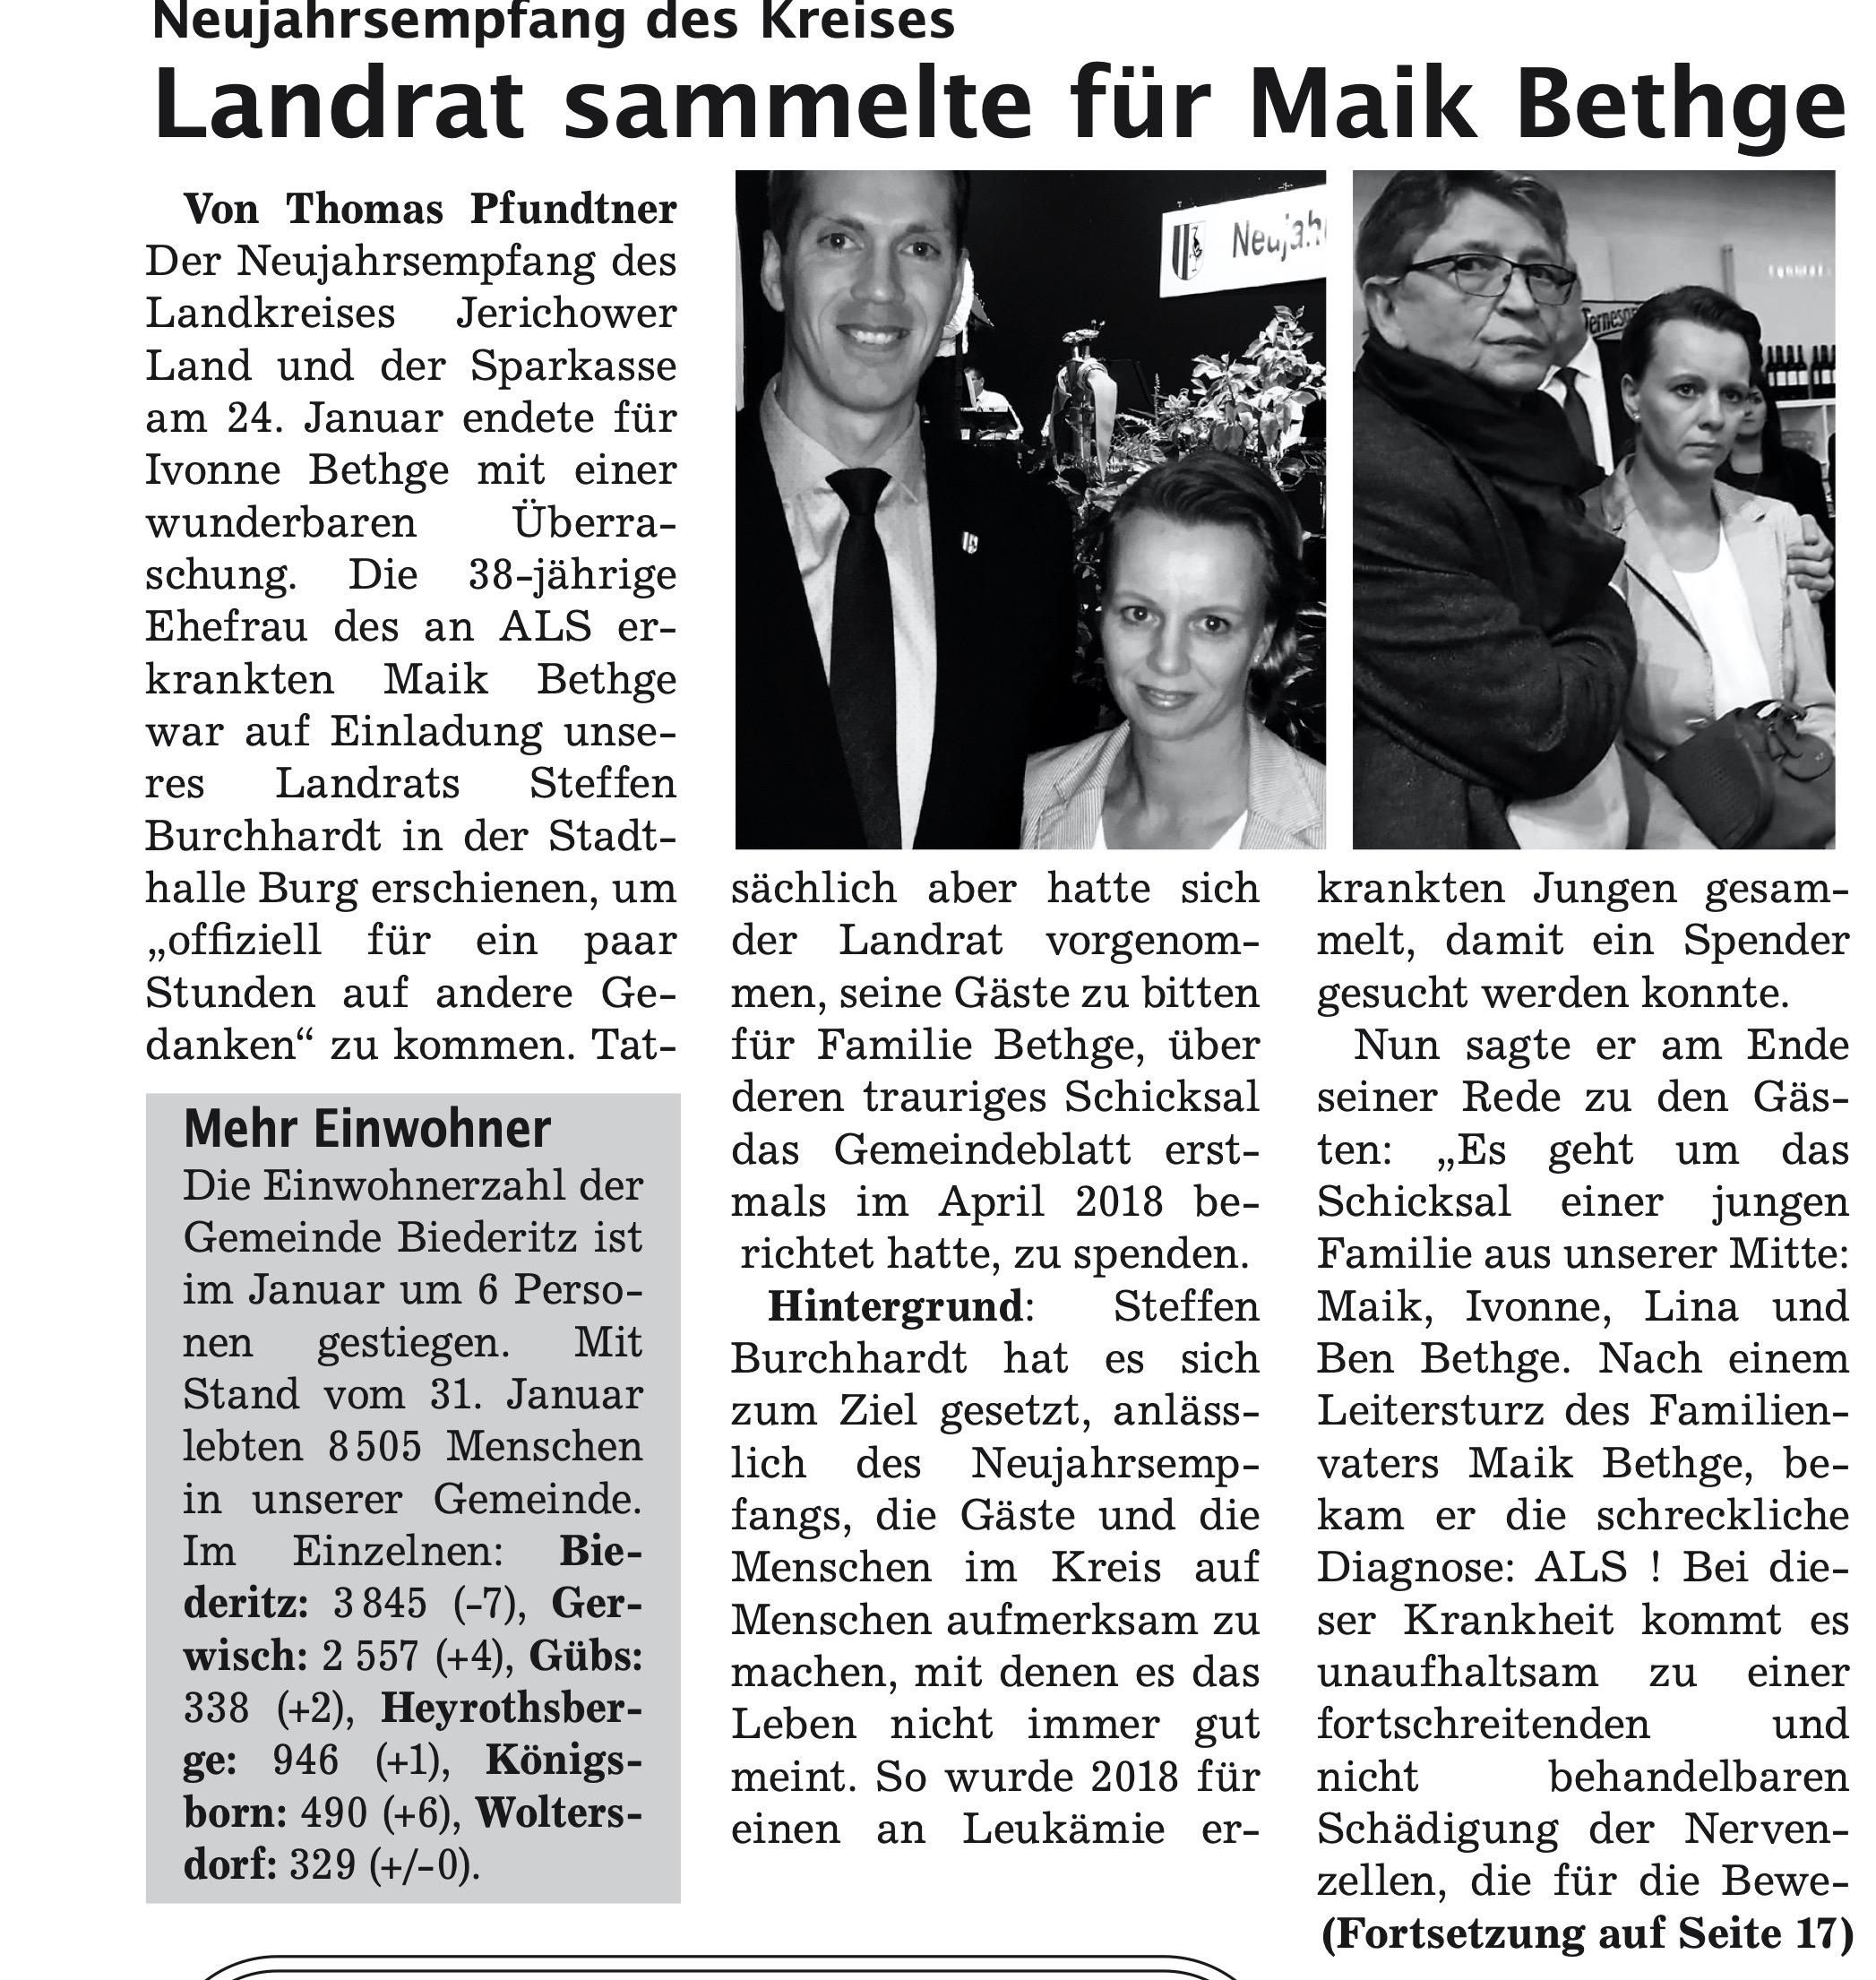 Auszug-Anzeige-Gemeindeblatt-ALS